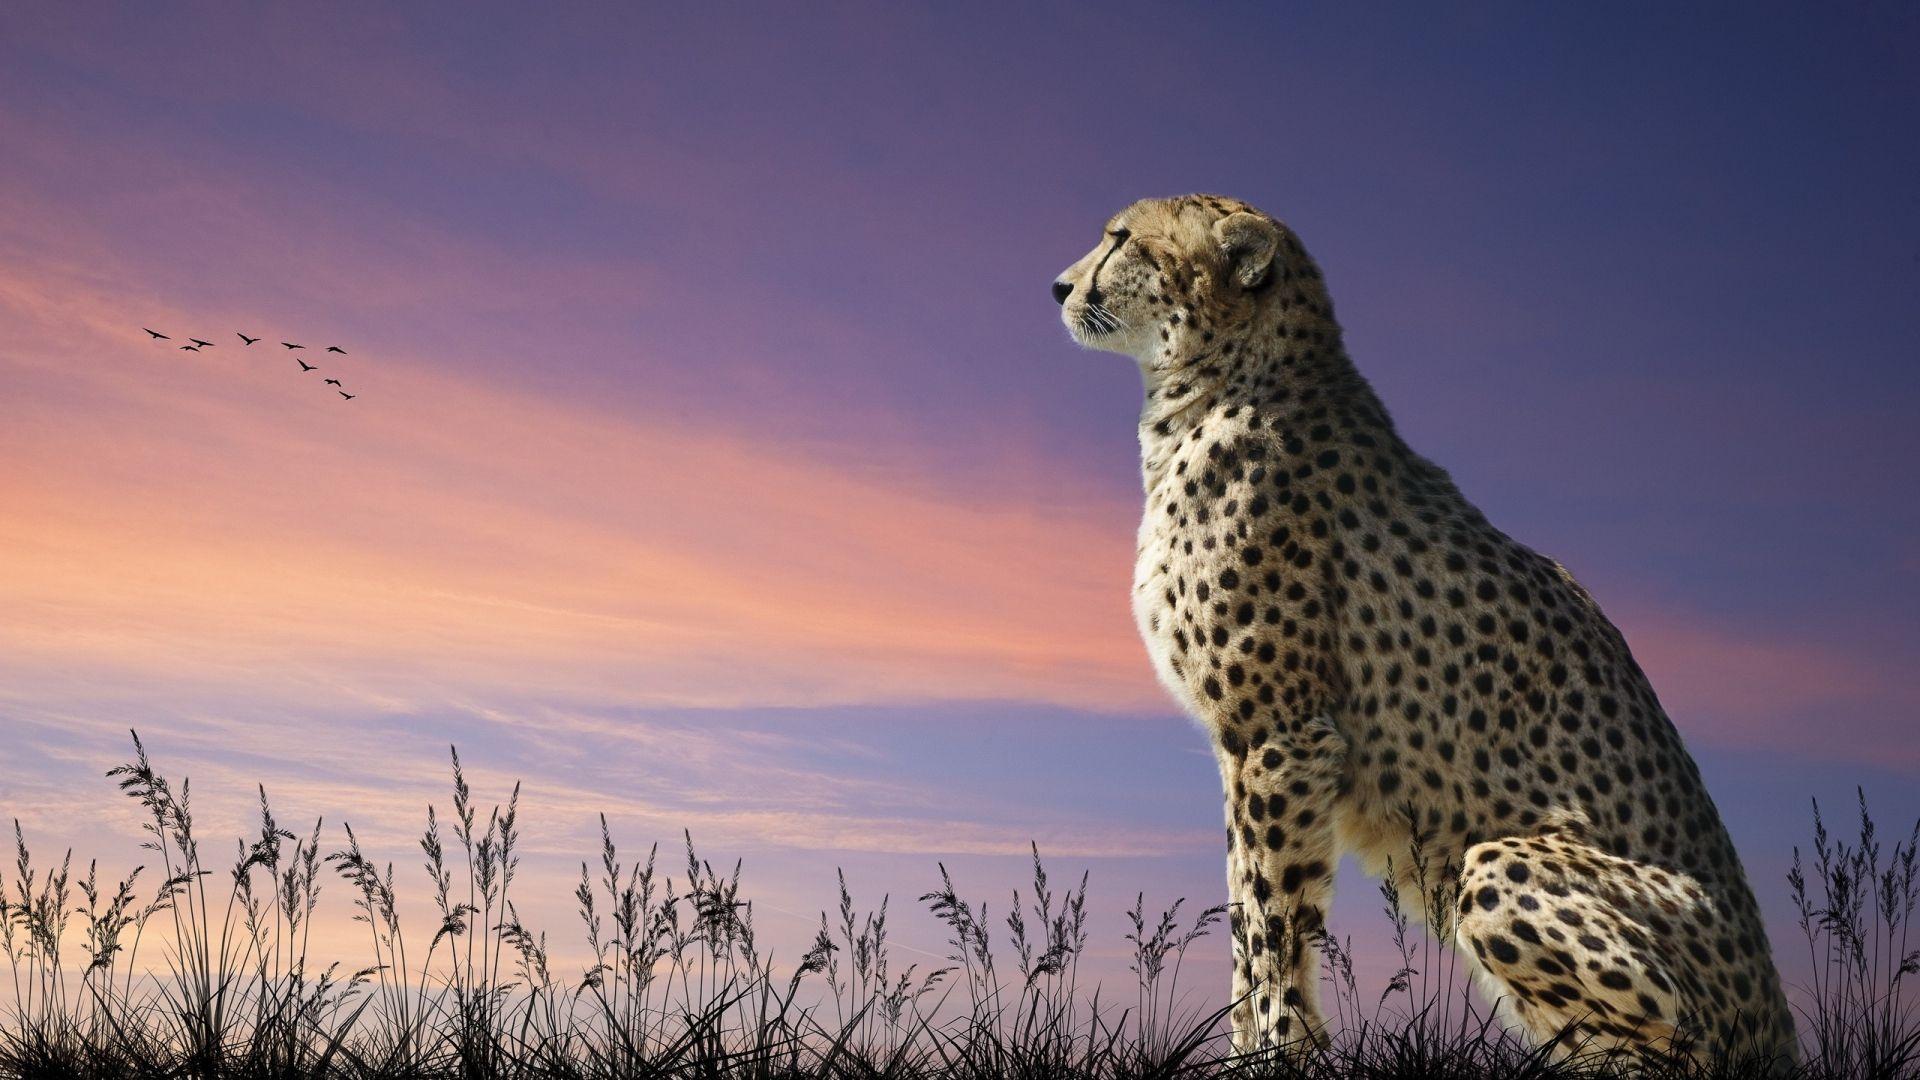 Full Hd Wallpaper Leopard Sunset Field Desktop Backgrounds Hd 1080p Cheetah Wallpaper Animal Wallpaper Animals